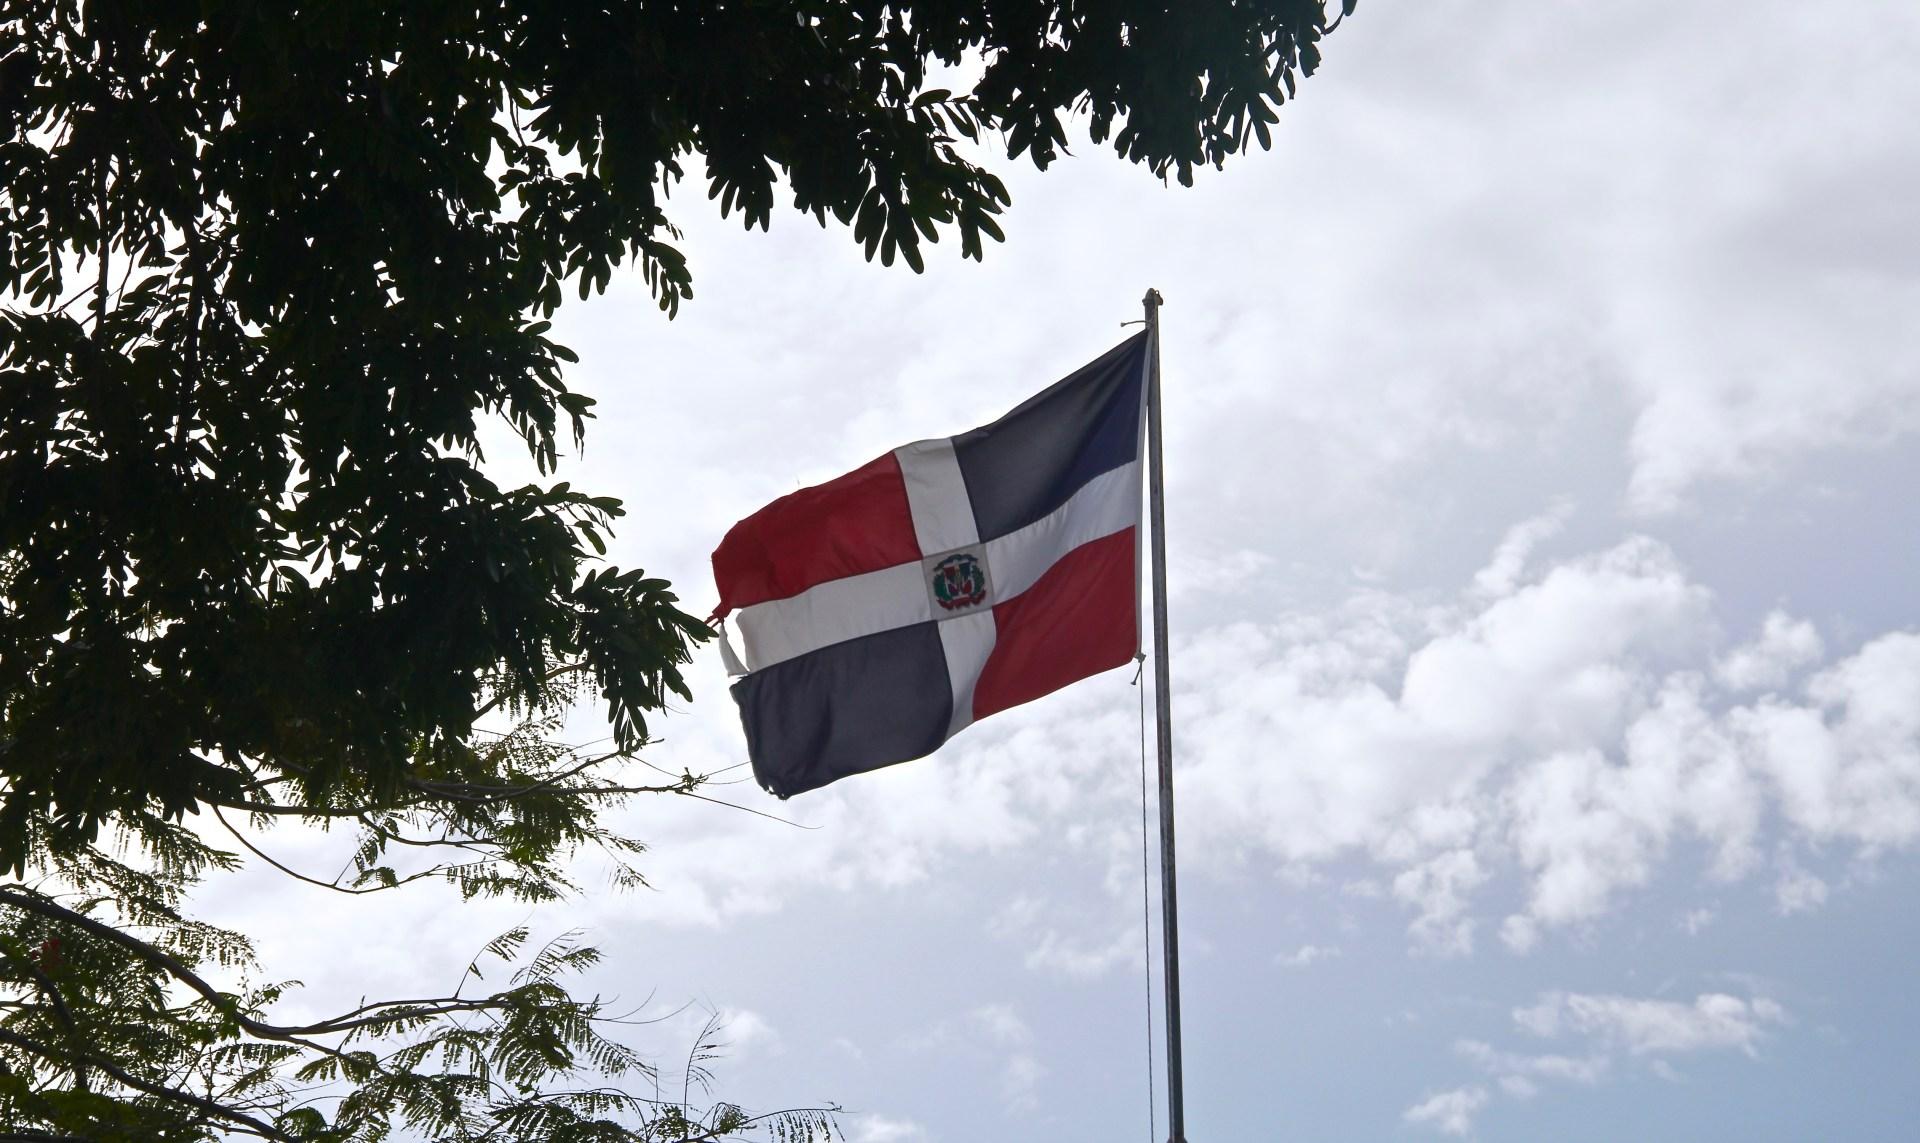 dominicanrepublicflag